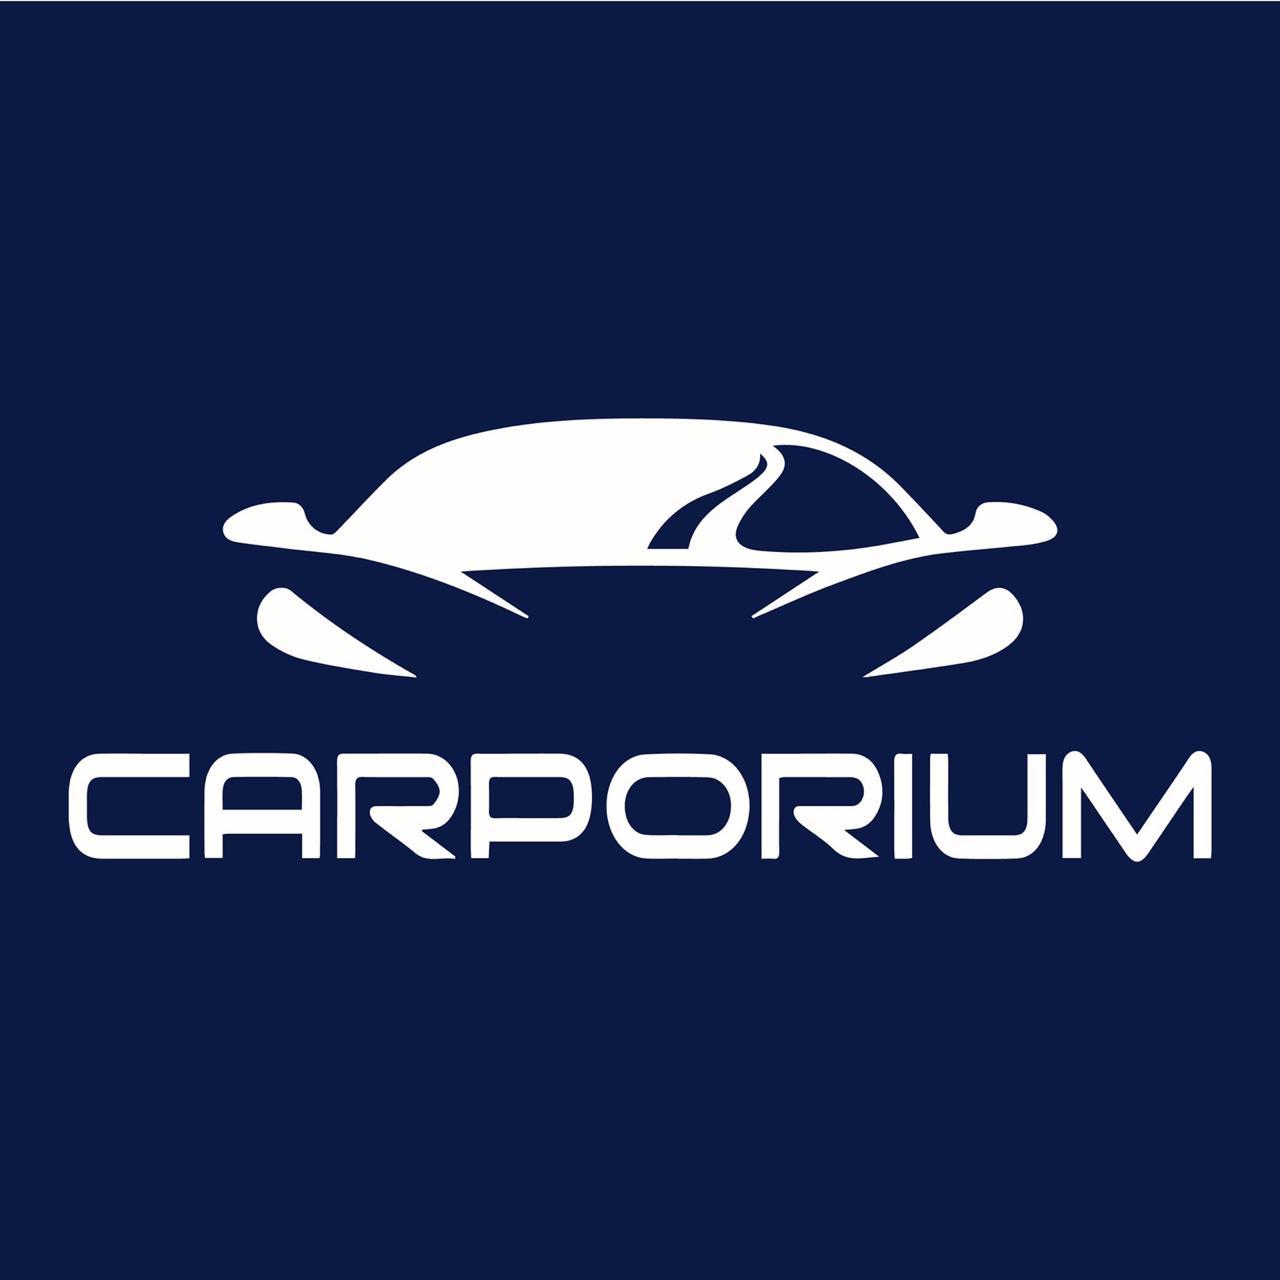 Car Porium